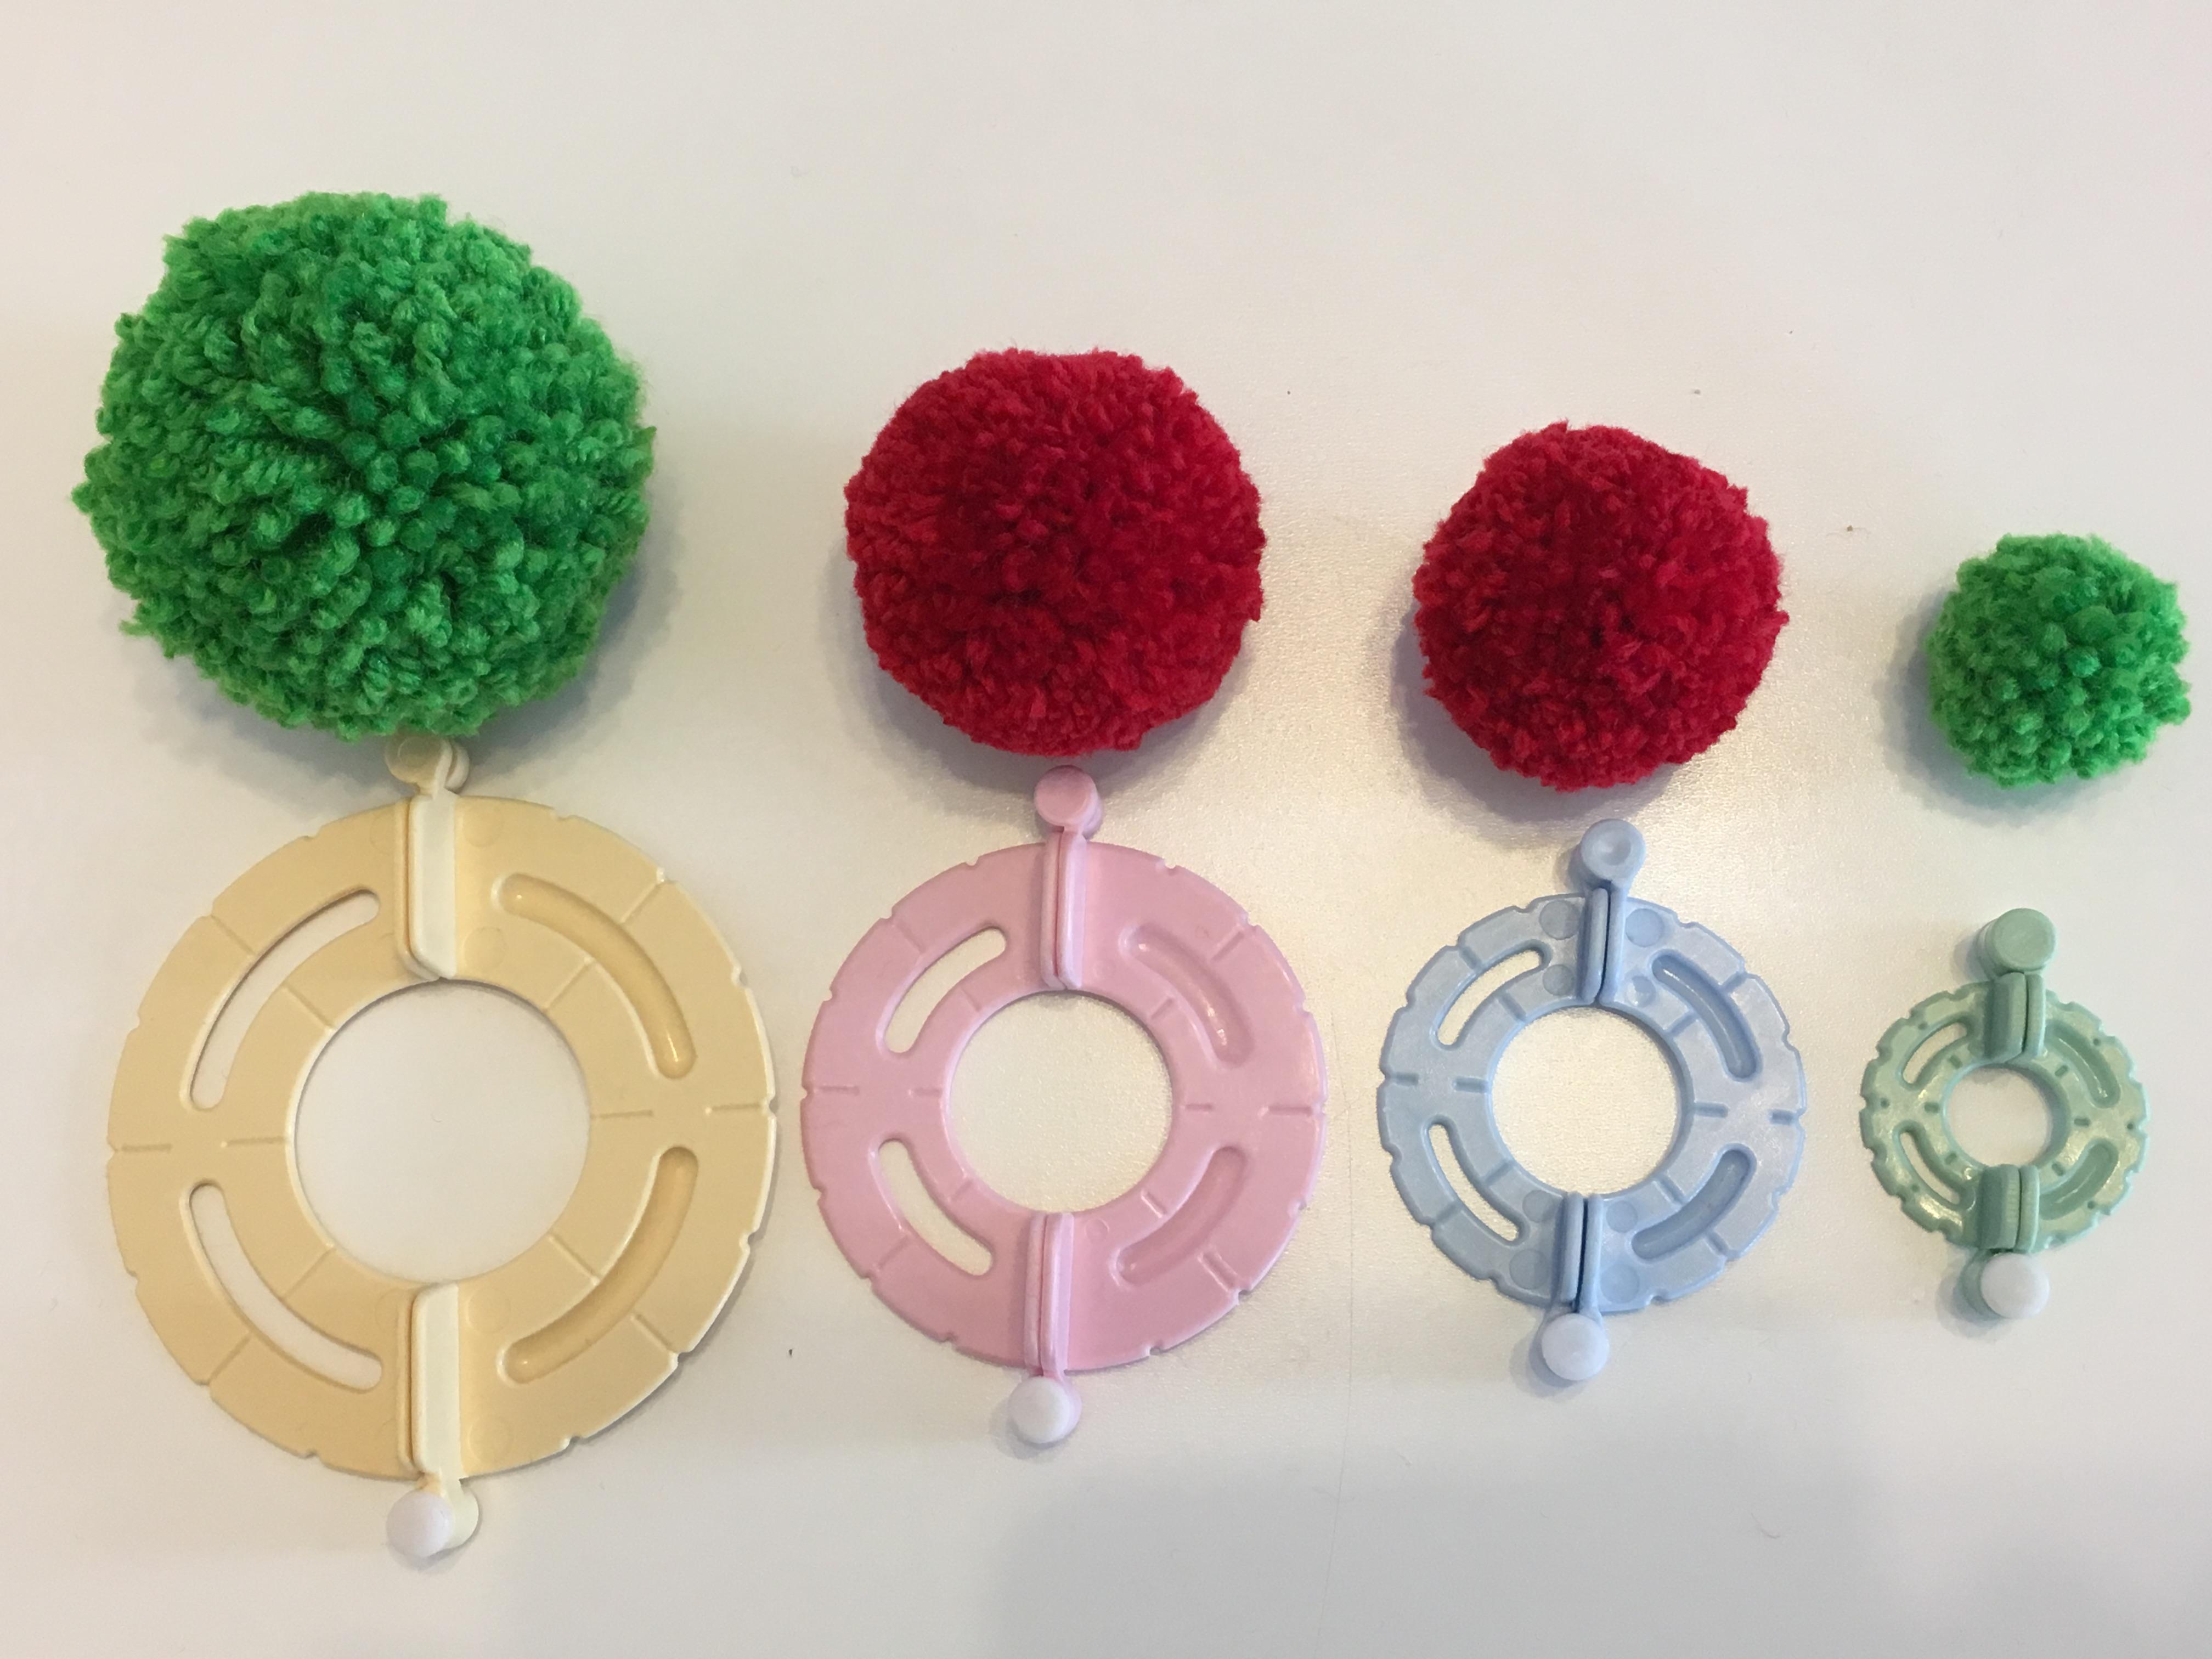 【簡単ポンポン】100均ダイソーからも登場!「毛糸で作るふわふわボール」をレビューしたお話